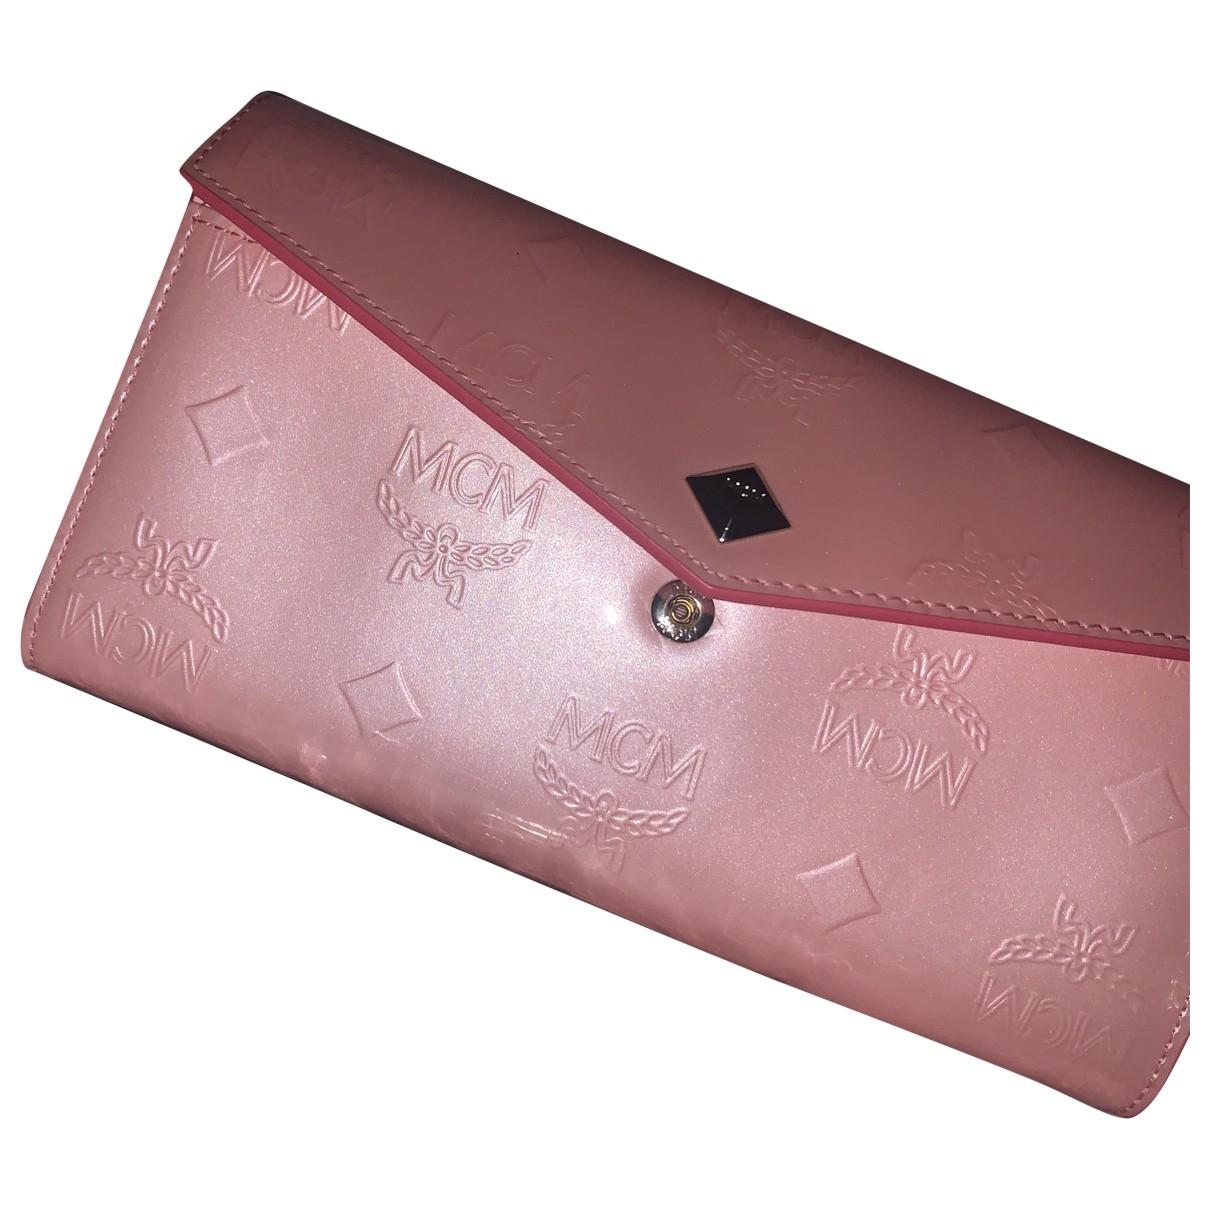 Mcm - Petite maroquinerie   pour femme en cuir - rose